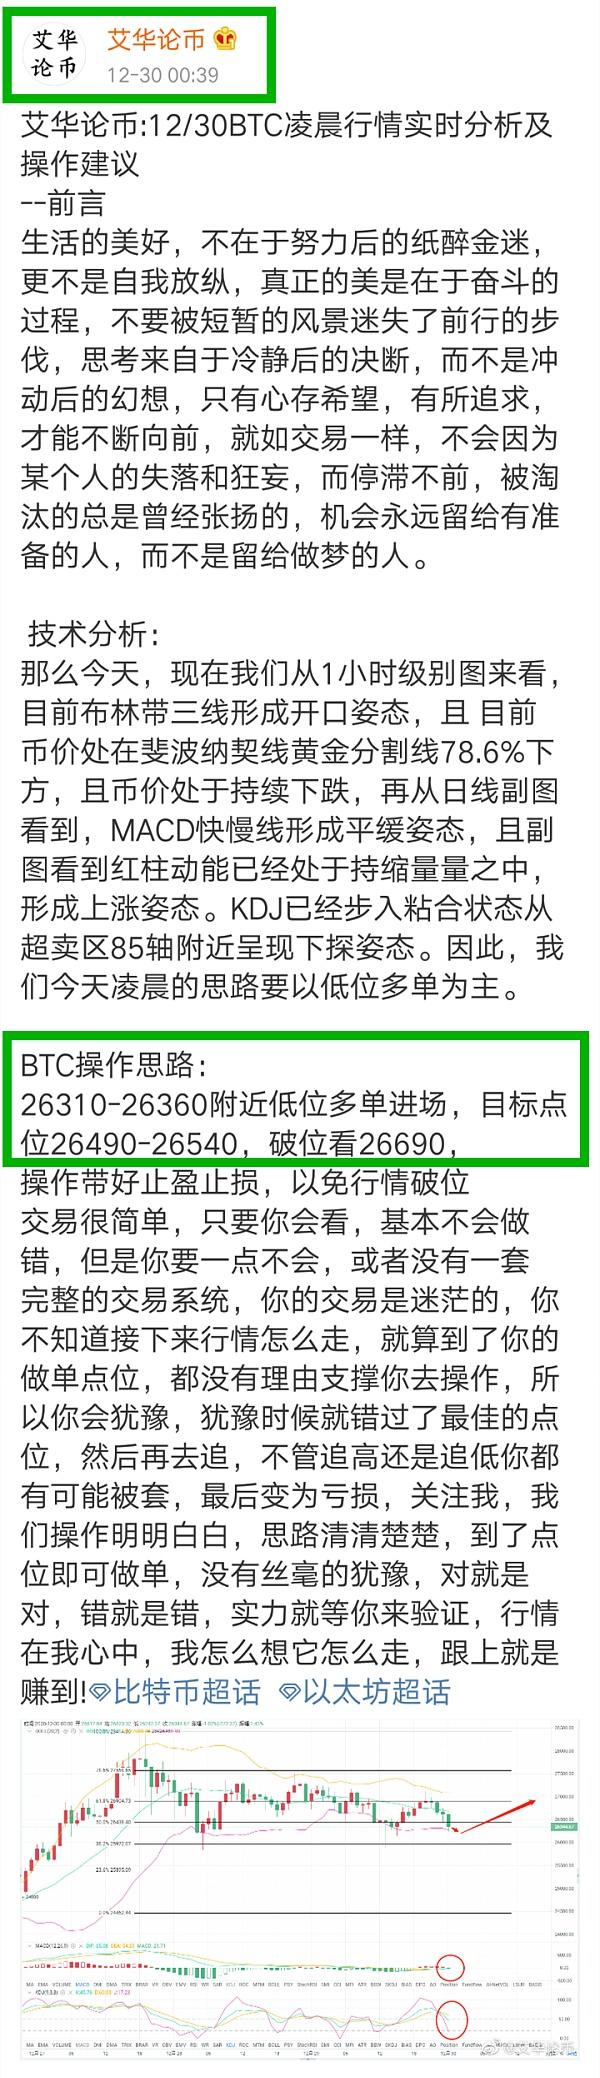 艾华论币:12/30BTC止盈通知 恭喜币友小赢140点位